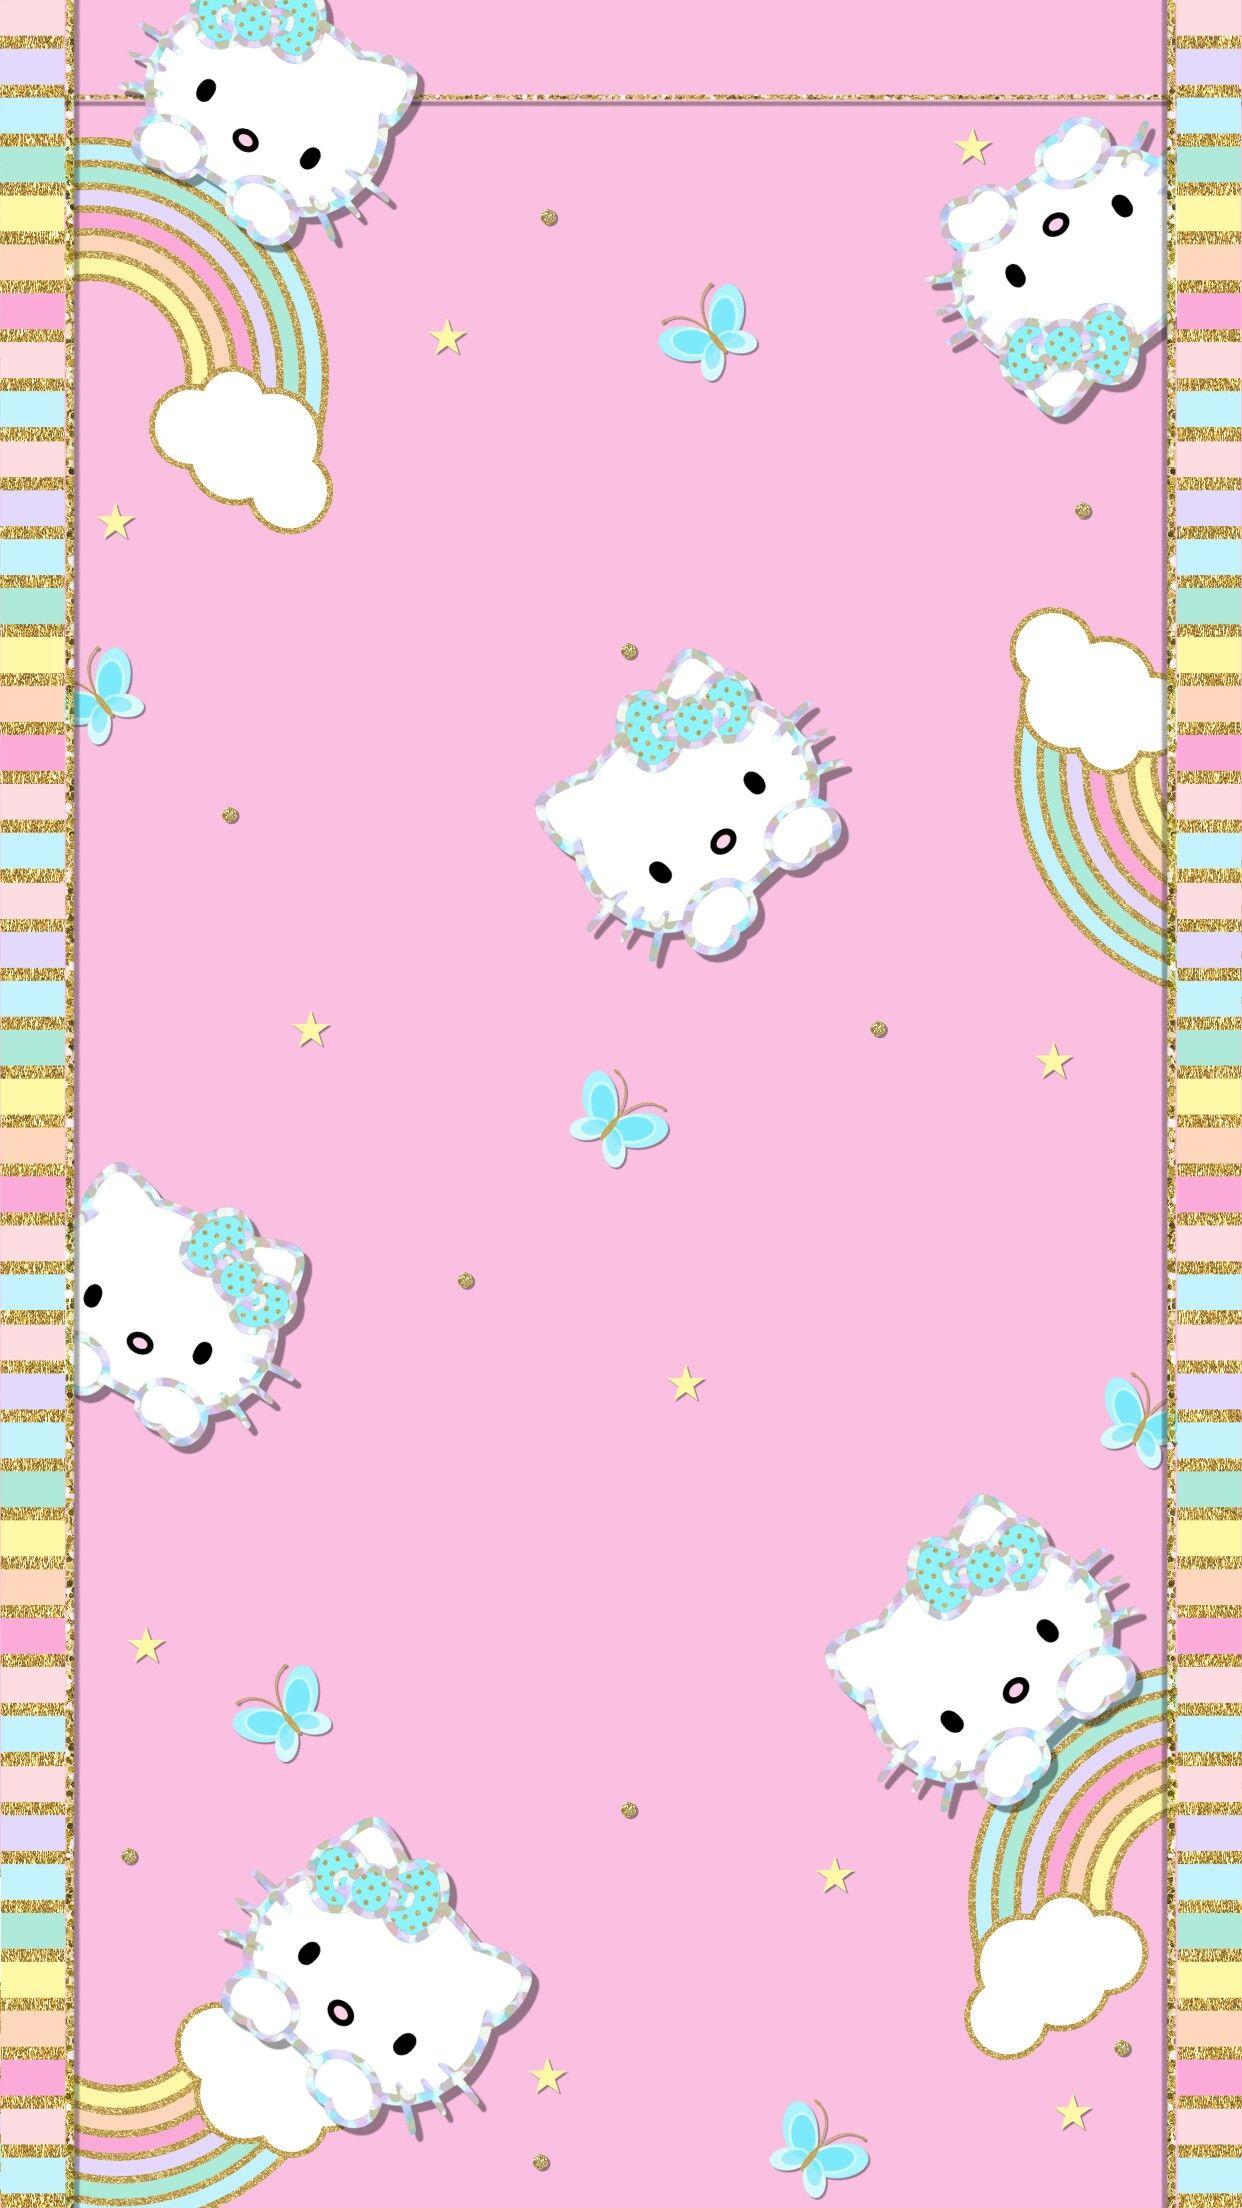 Hello Kitty Hello Kitty Wallpaper Hello Kitty Images Melody Hello Kitty